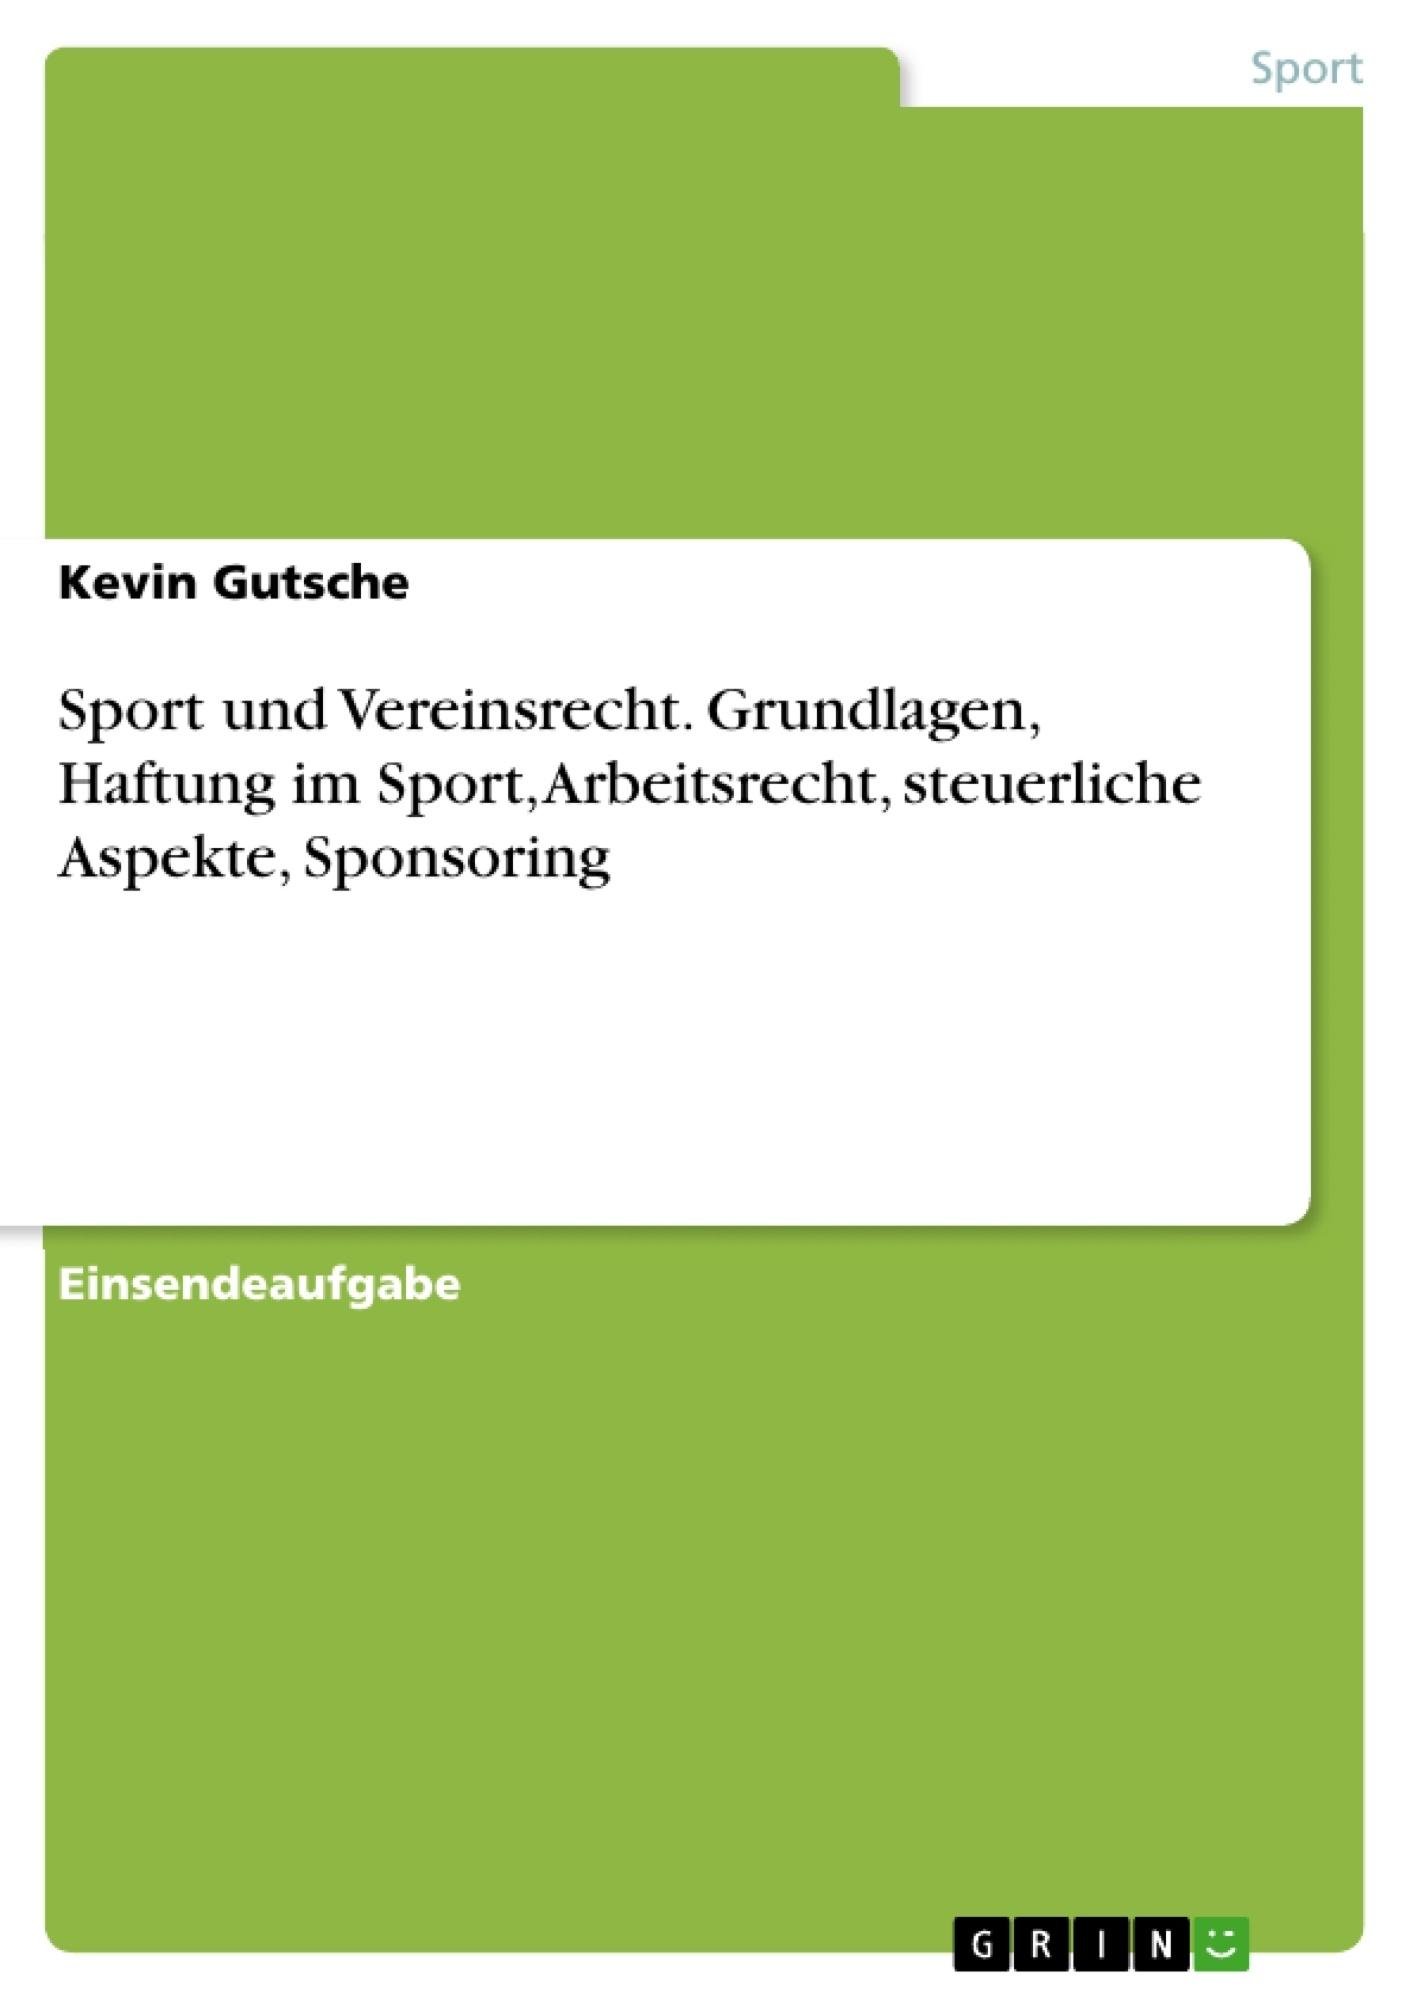 Titel: Sport und Vereinsrecht. Grundlagen, Haftung im Sport, Arbeitsrecht, steuerliche Aspekte, Sponsoring